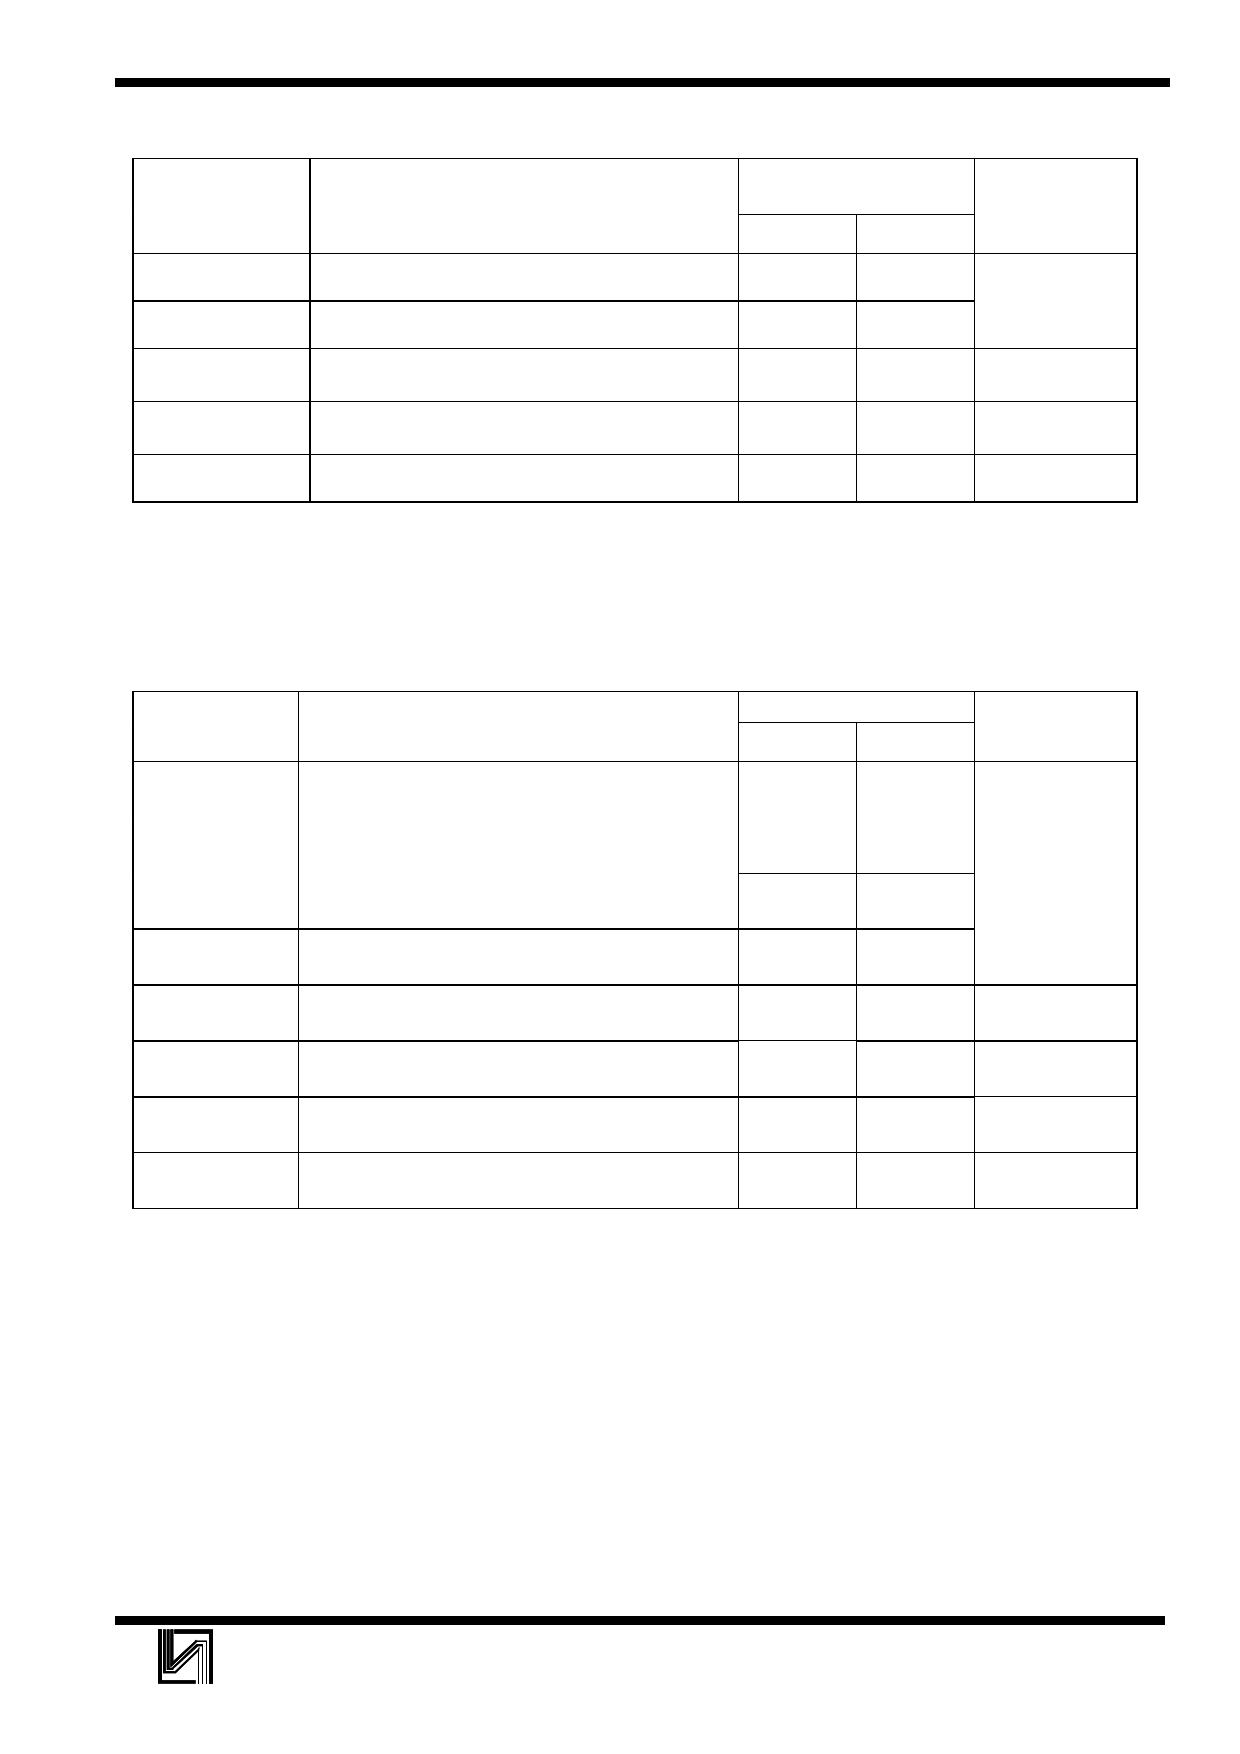 ILOP1836SS pdf, ピン配列